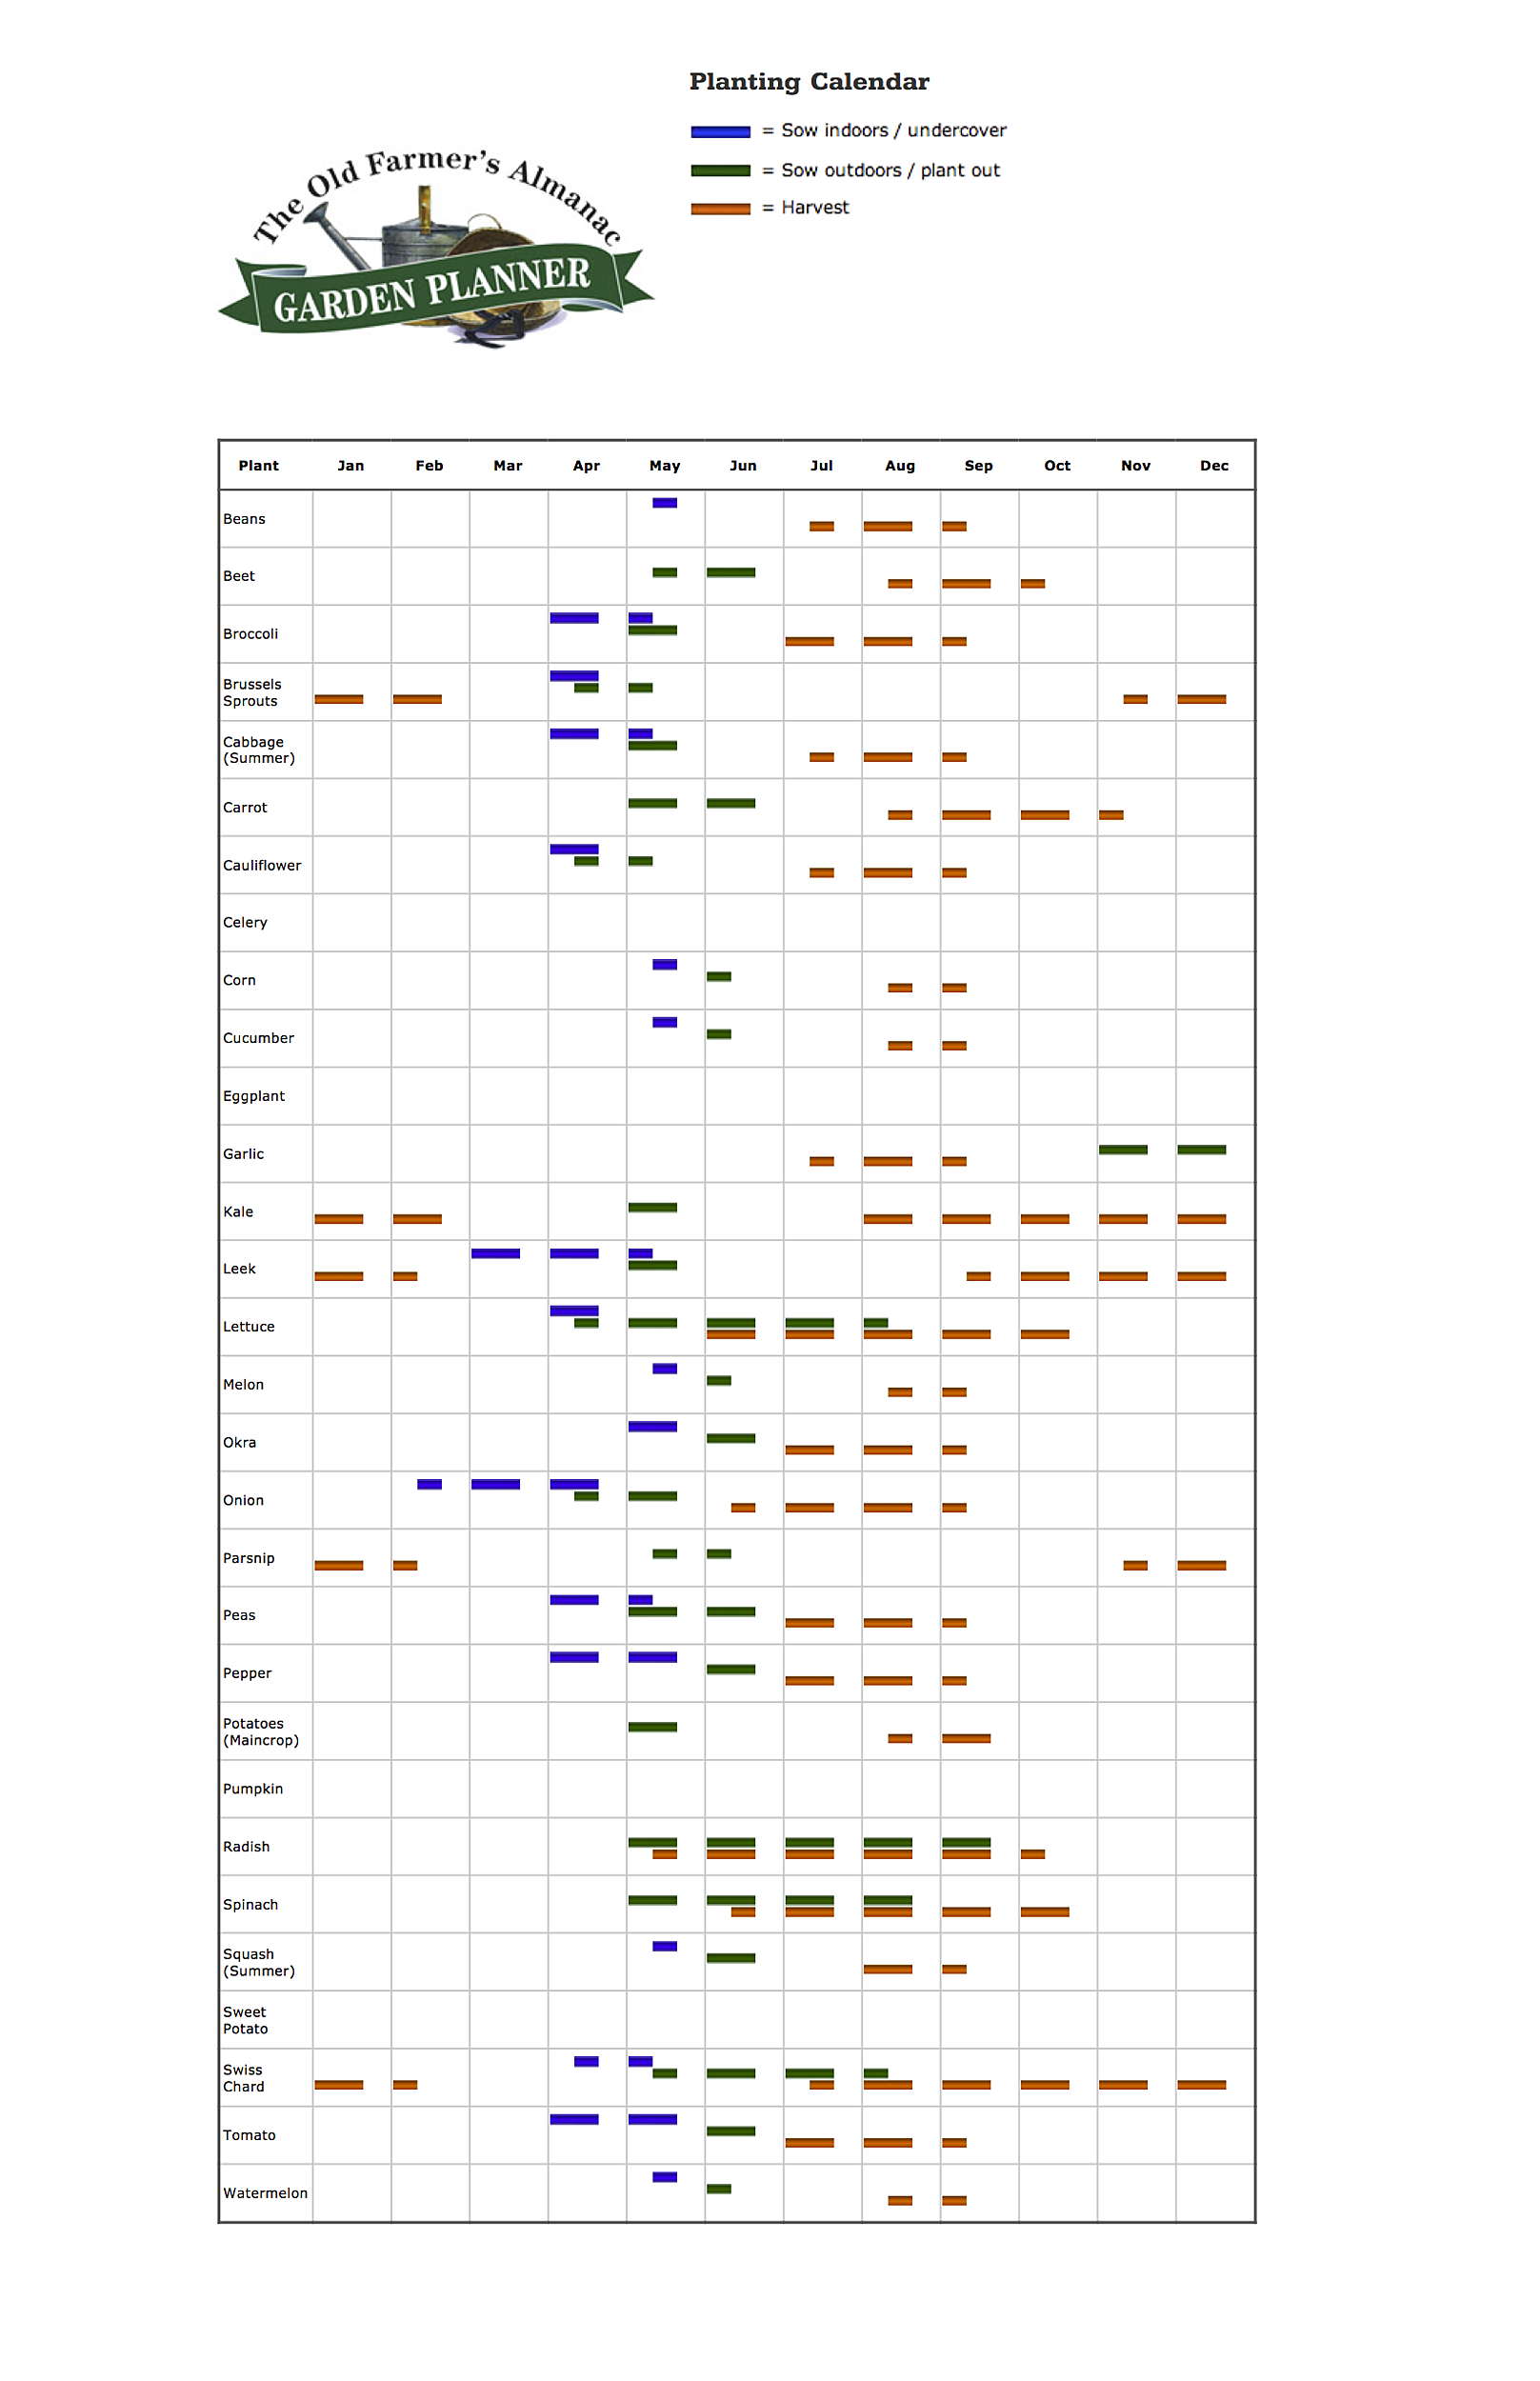 Garden Calendar Planner : Old farmer s almanac gardening calendar garden ftempo